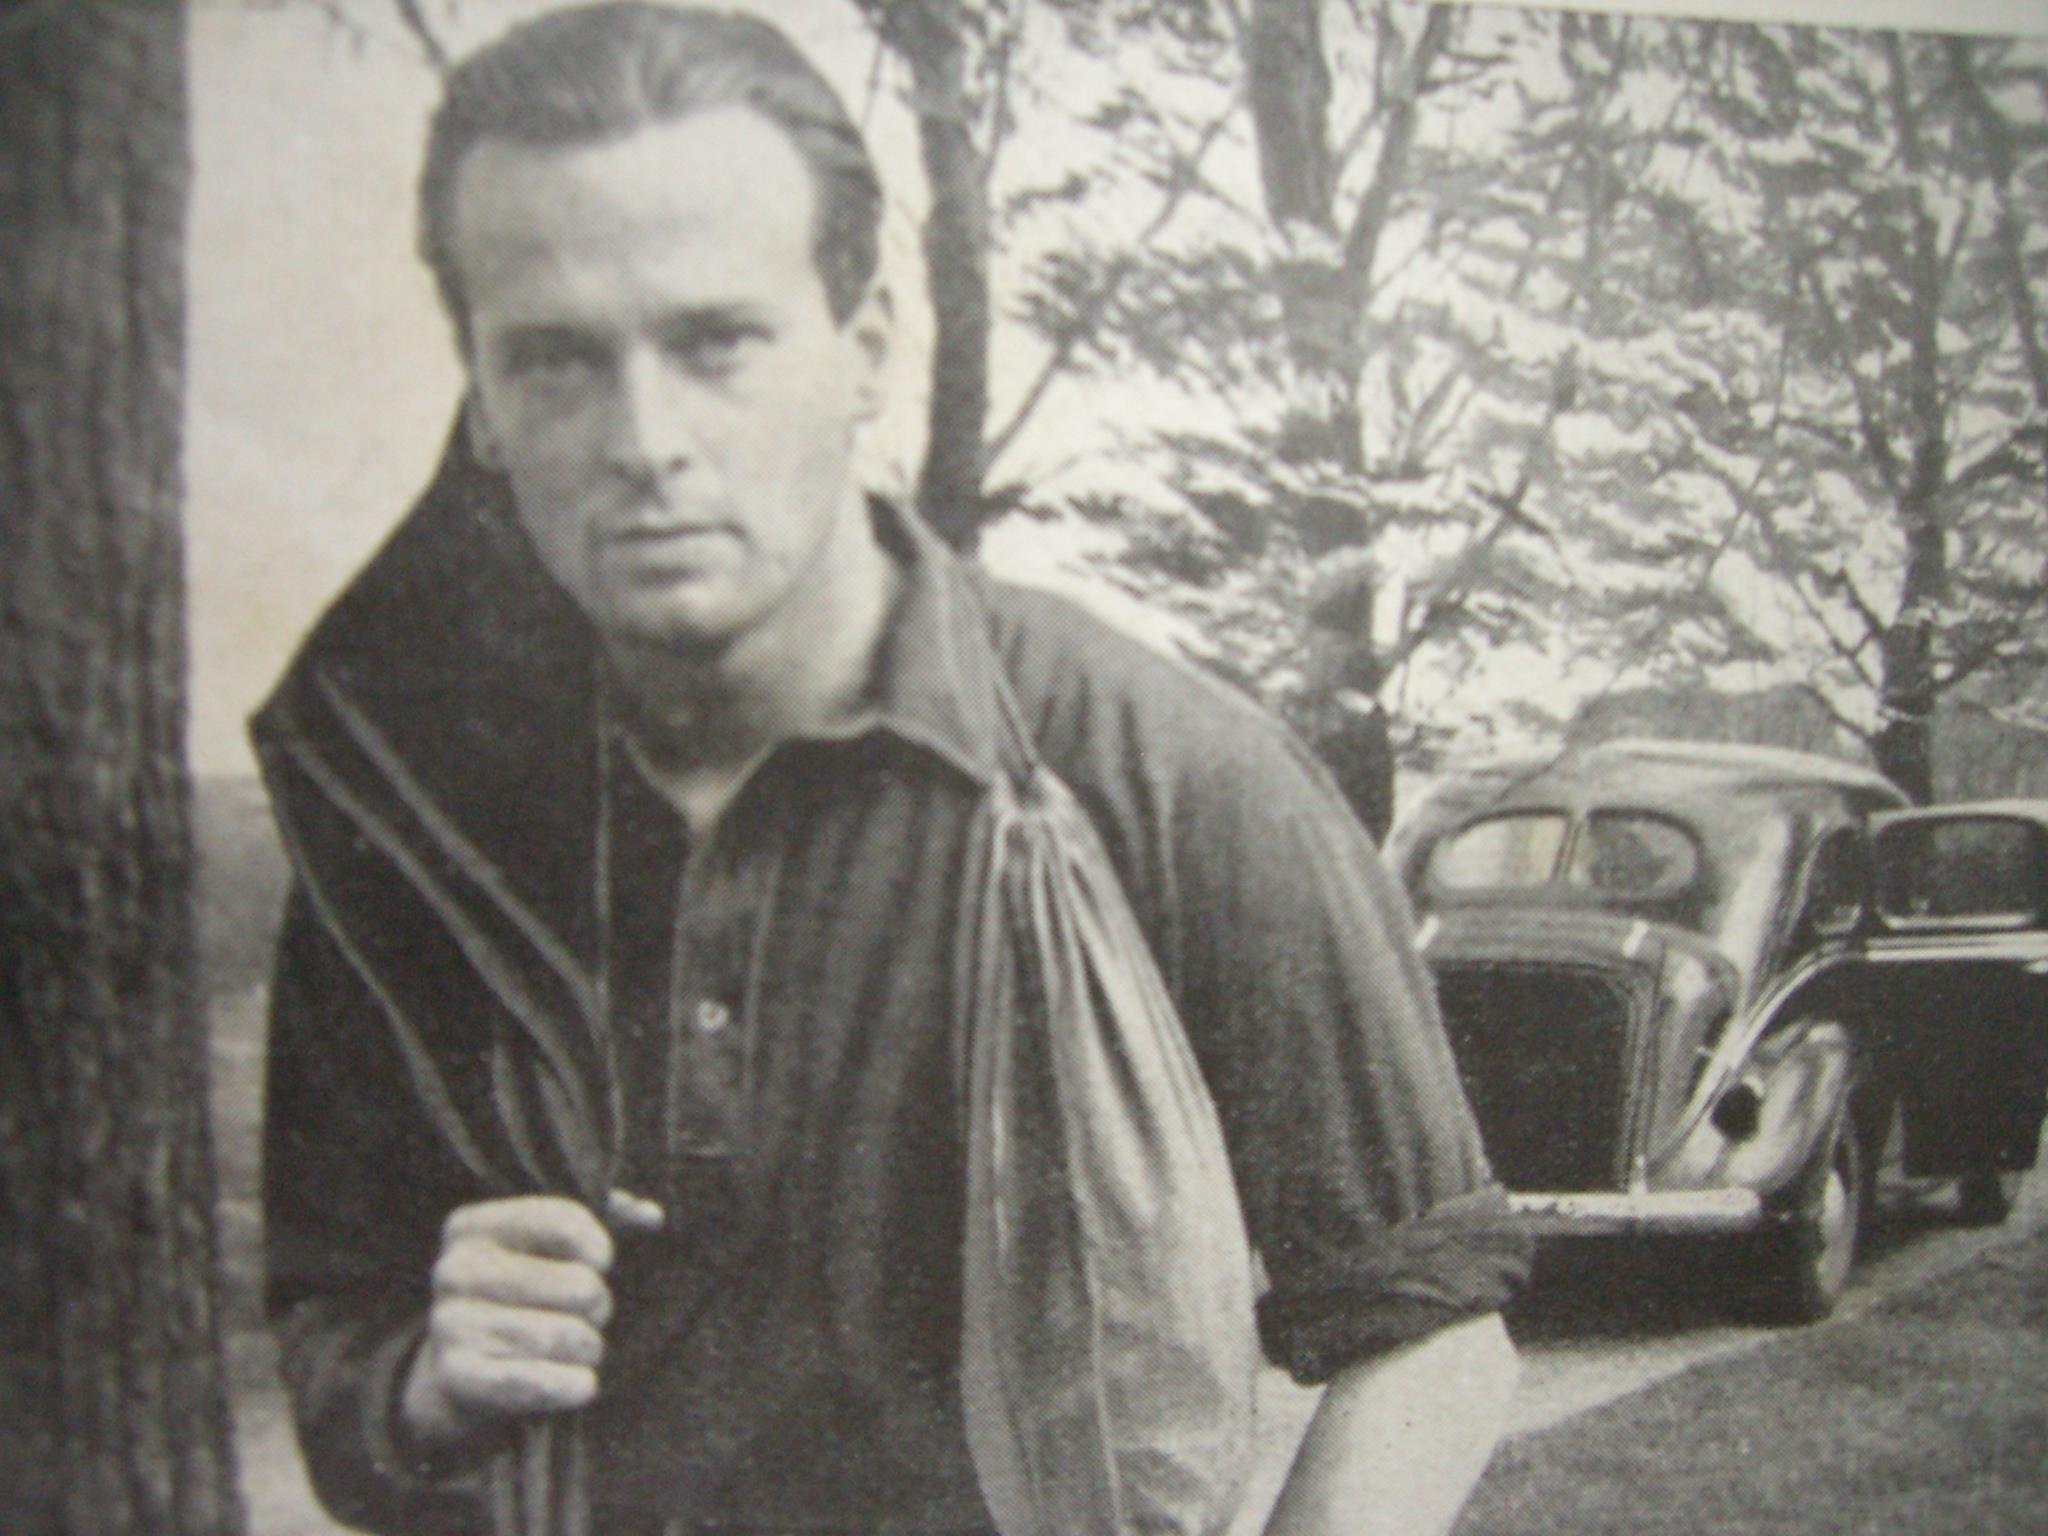 Erik Hazelhoff Roelfzema - Soldaat van Oranje   Resistance